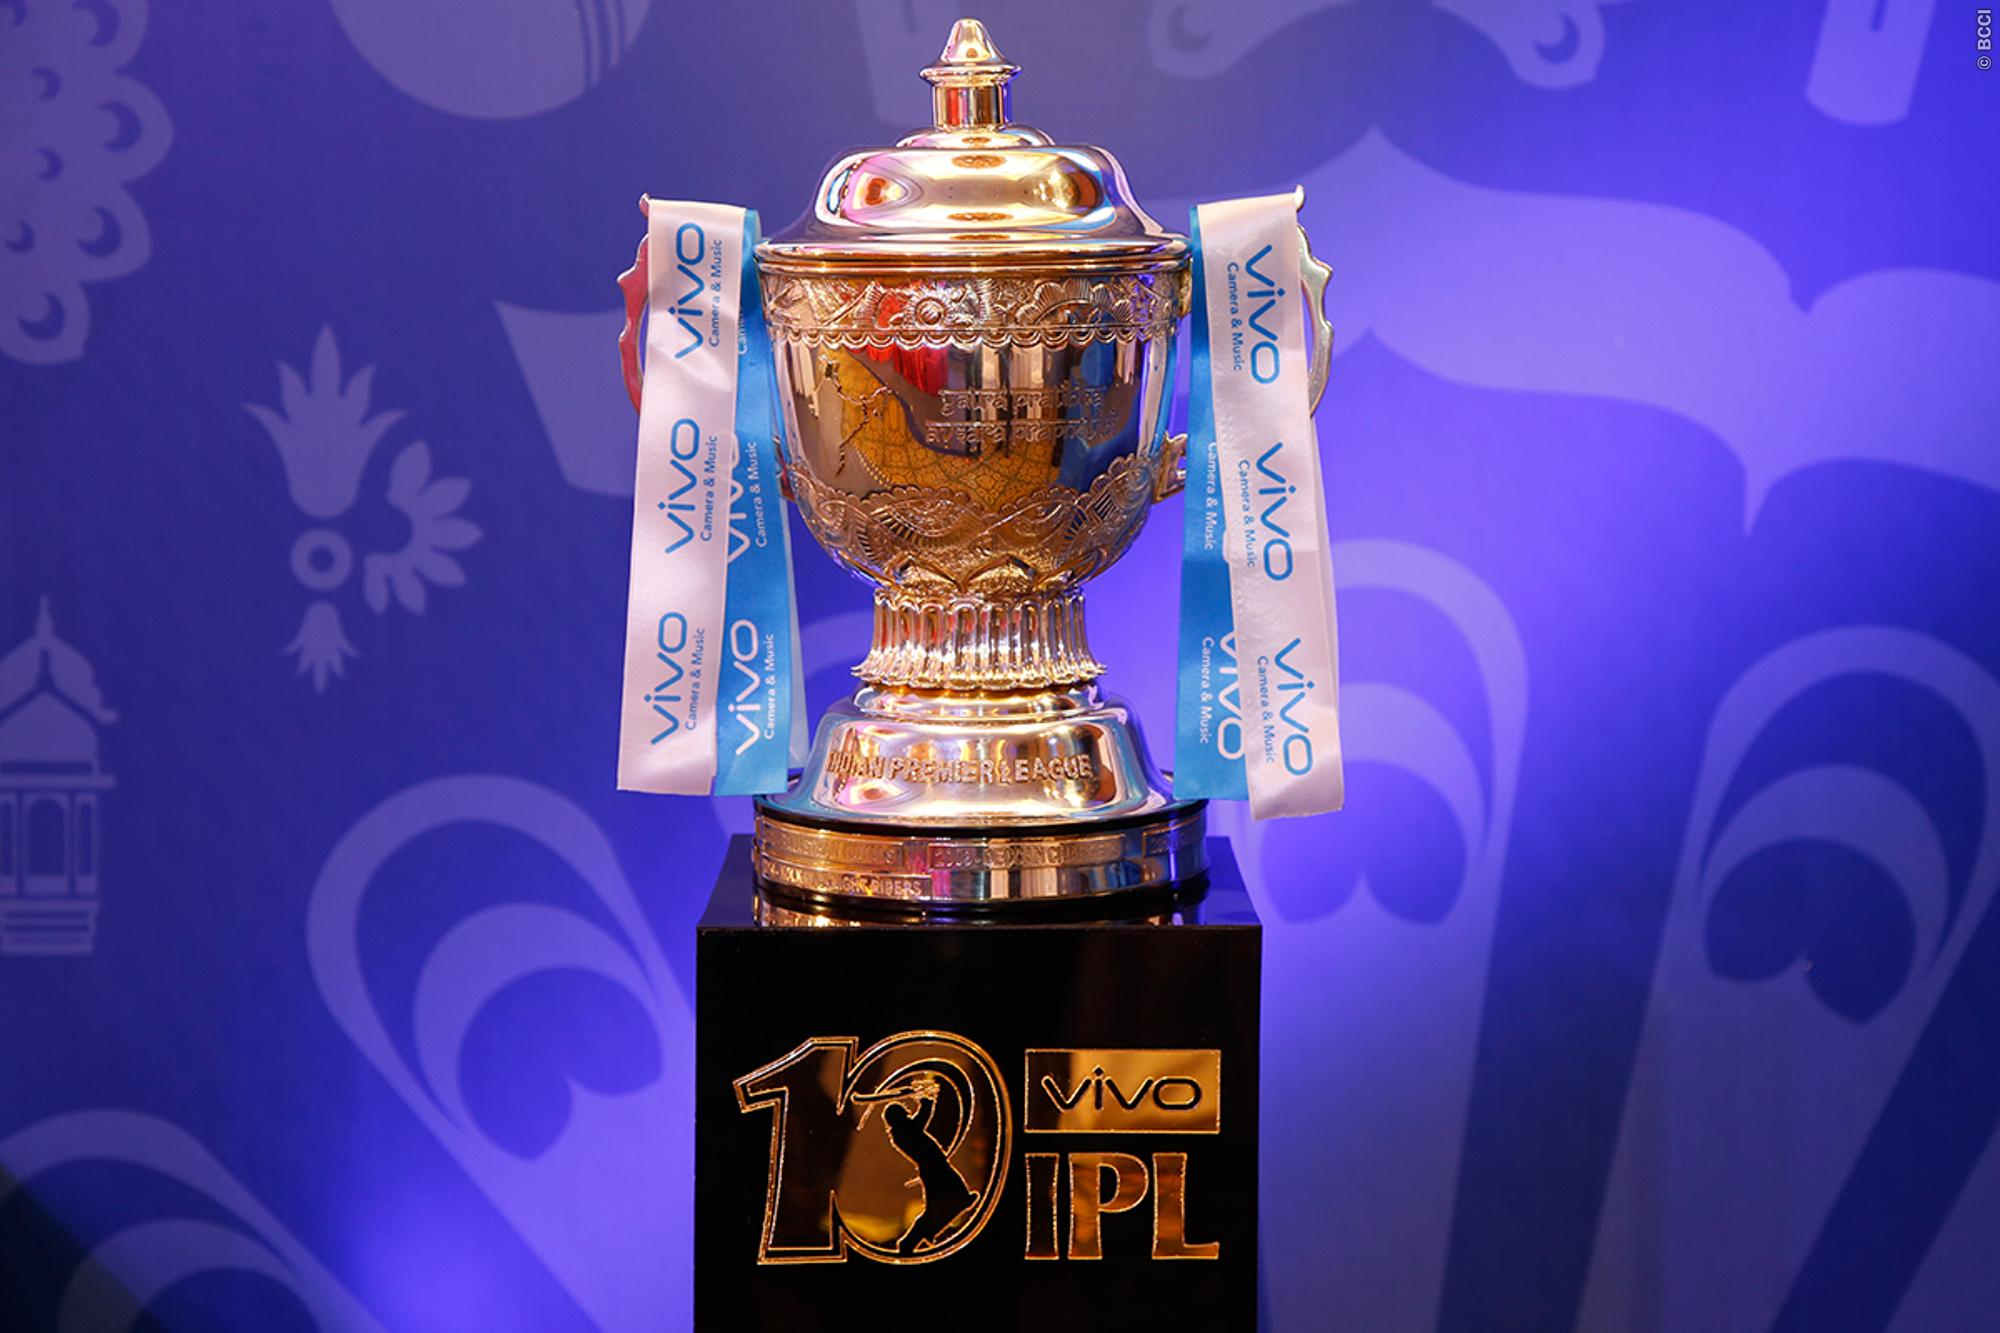 बड़ी खबर: 9 करोड़ में बिकने वाले इस खिलाड़ी ने लिया आईपीएल के शुरुआत मैचो से अपना नाम वापस, वजह हैरान करने वाली 12